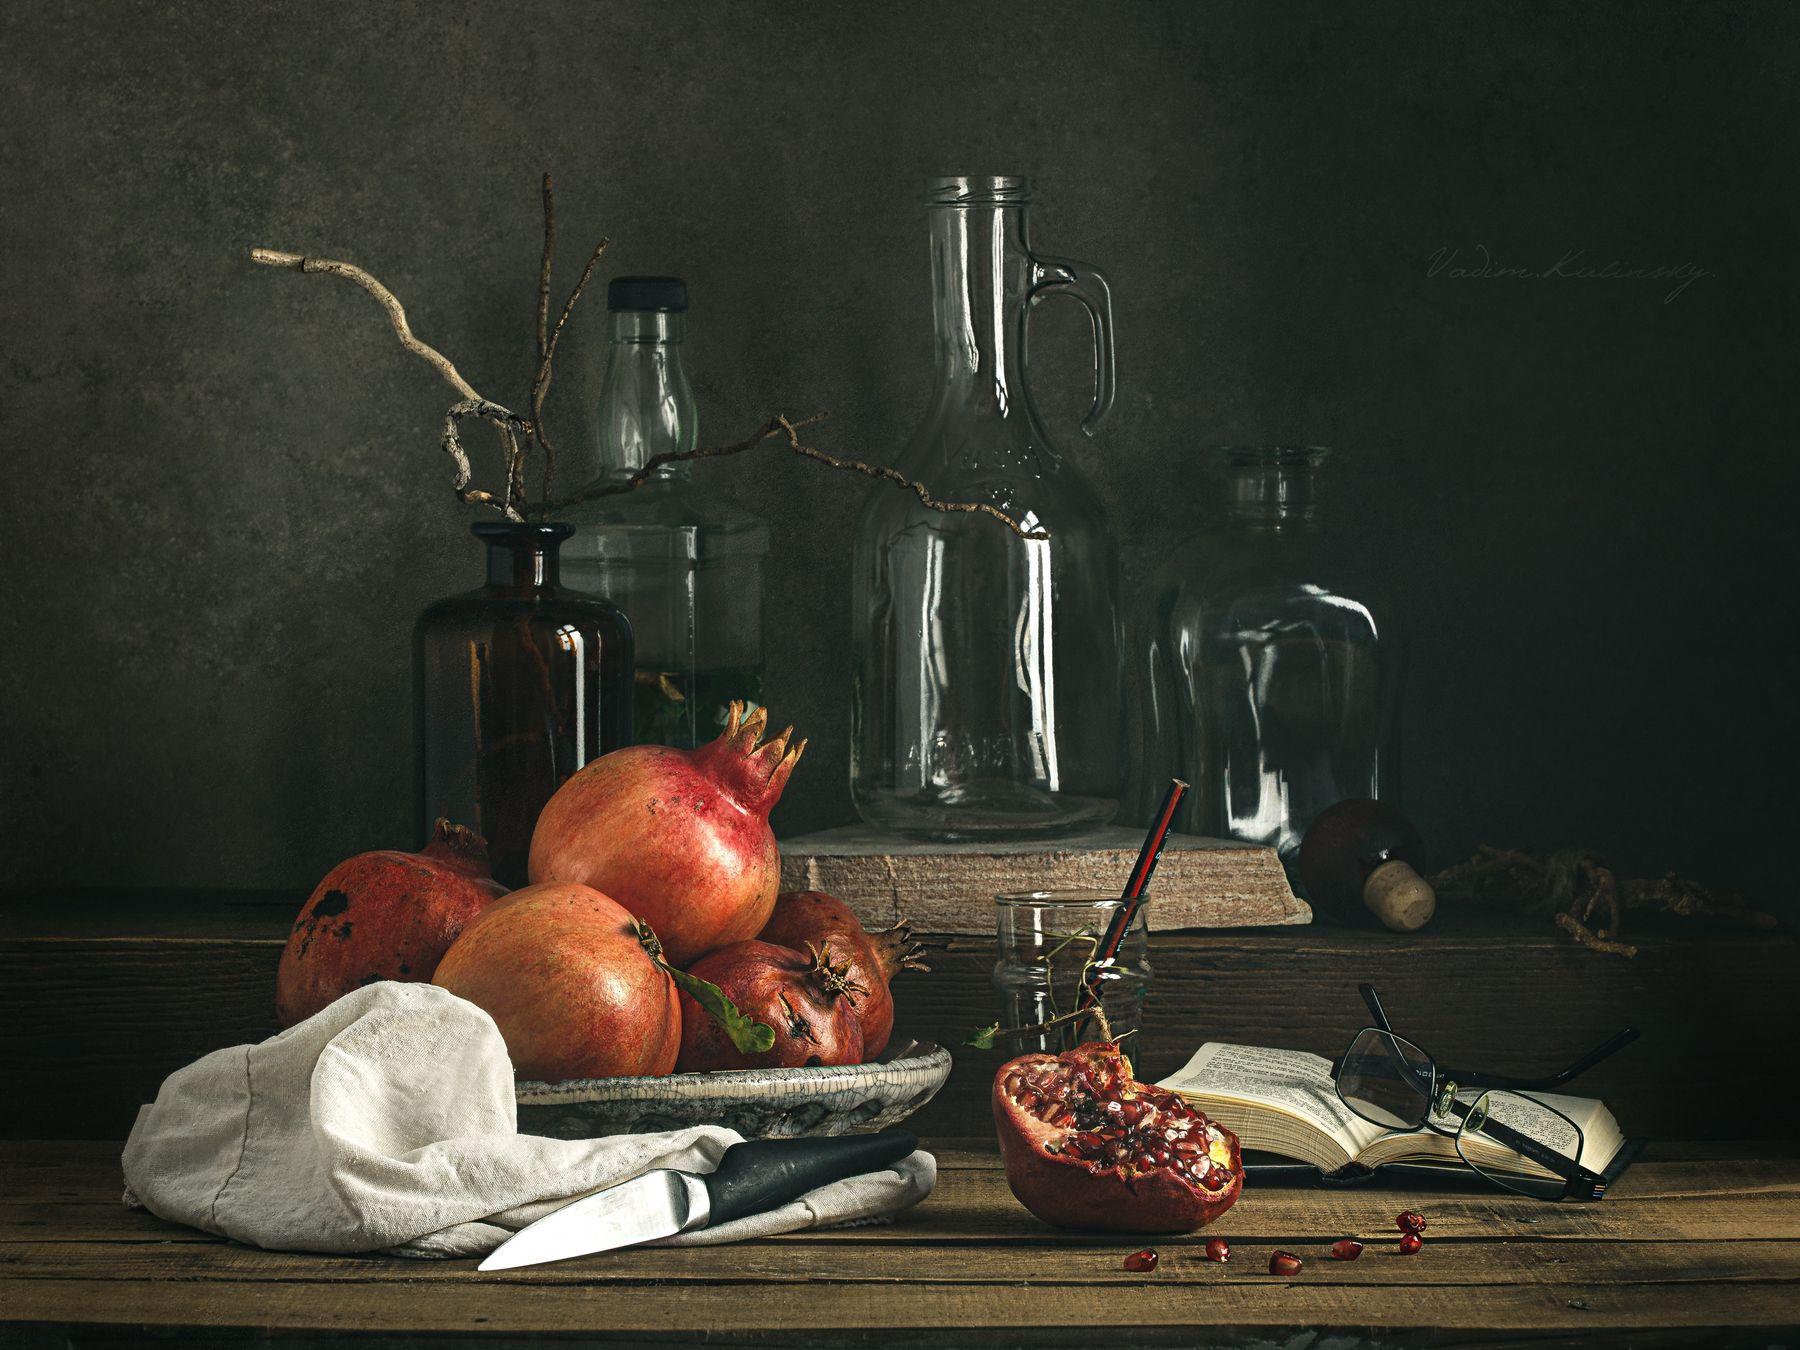 О гранатовом соке. 1 Натюрморт гранат стекло бутылки деревянный стол